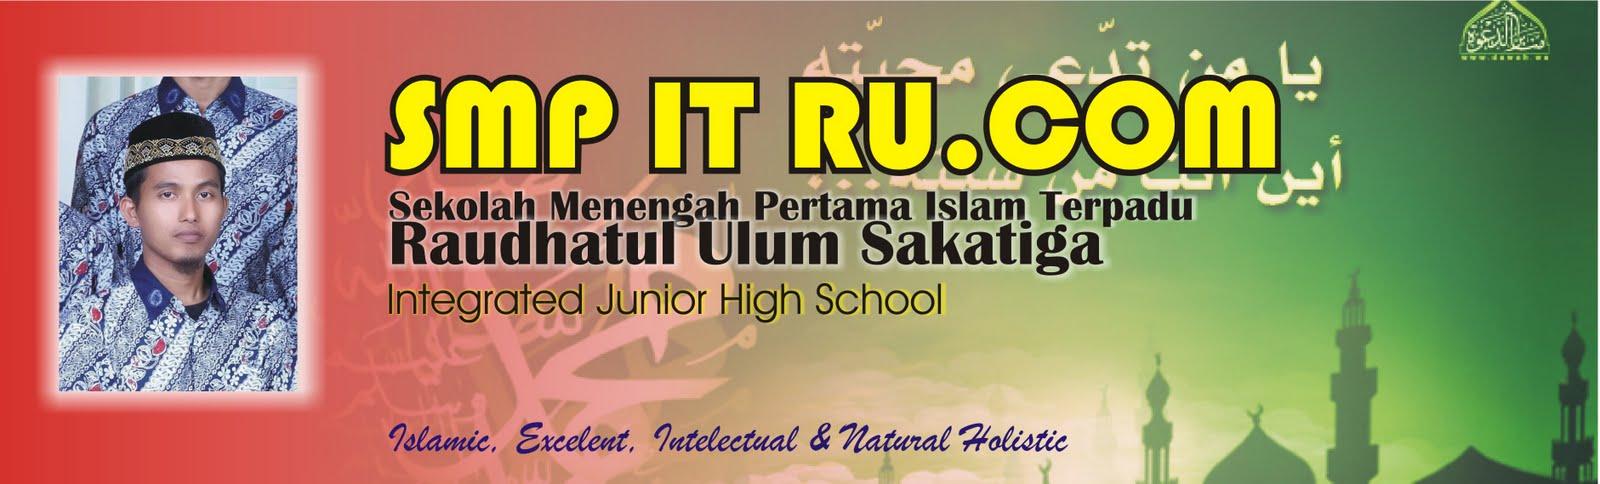 SMP IT Raudhatul Ulum